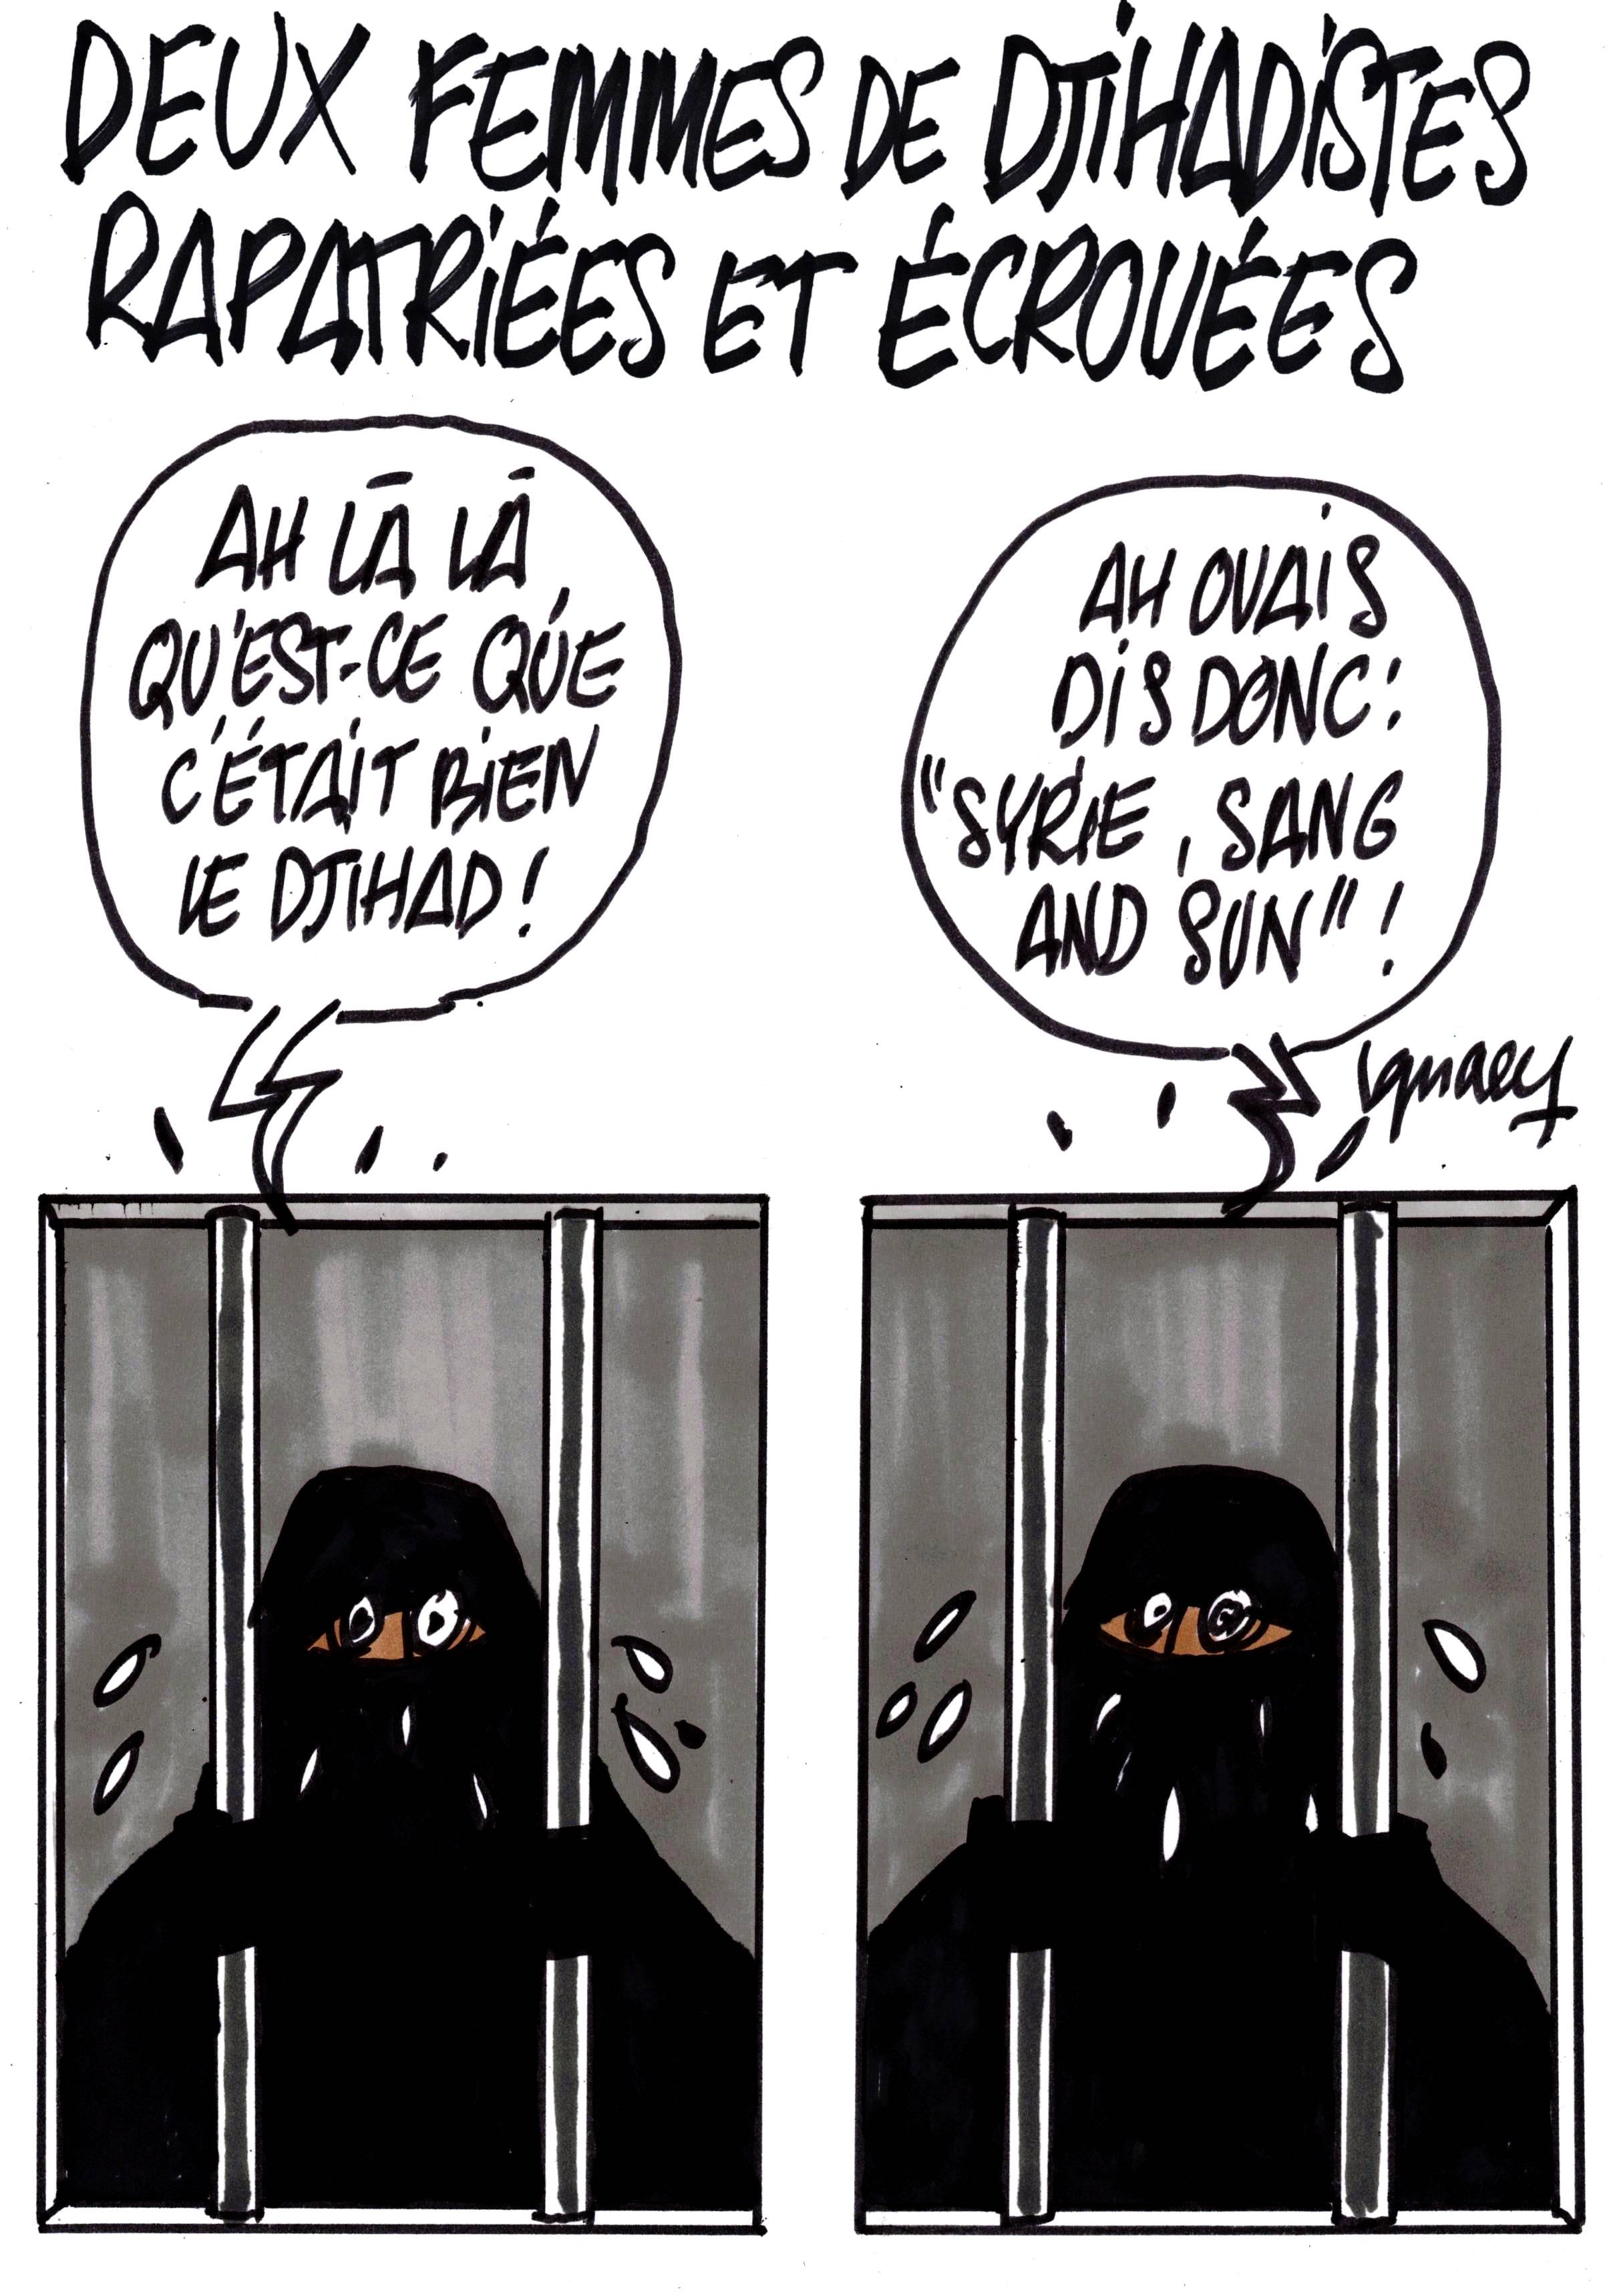 Ignace - Deux femmes de djihadistes rapatriées et écrouées